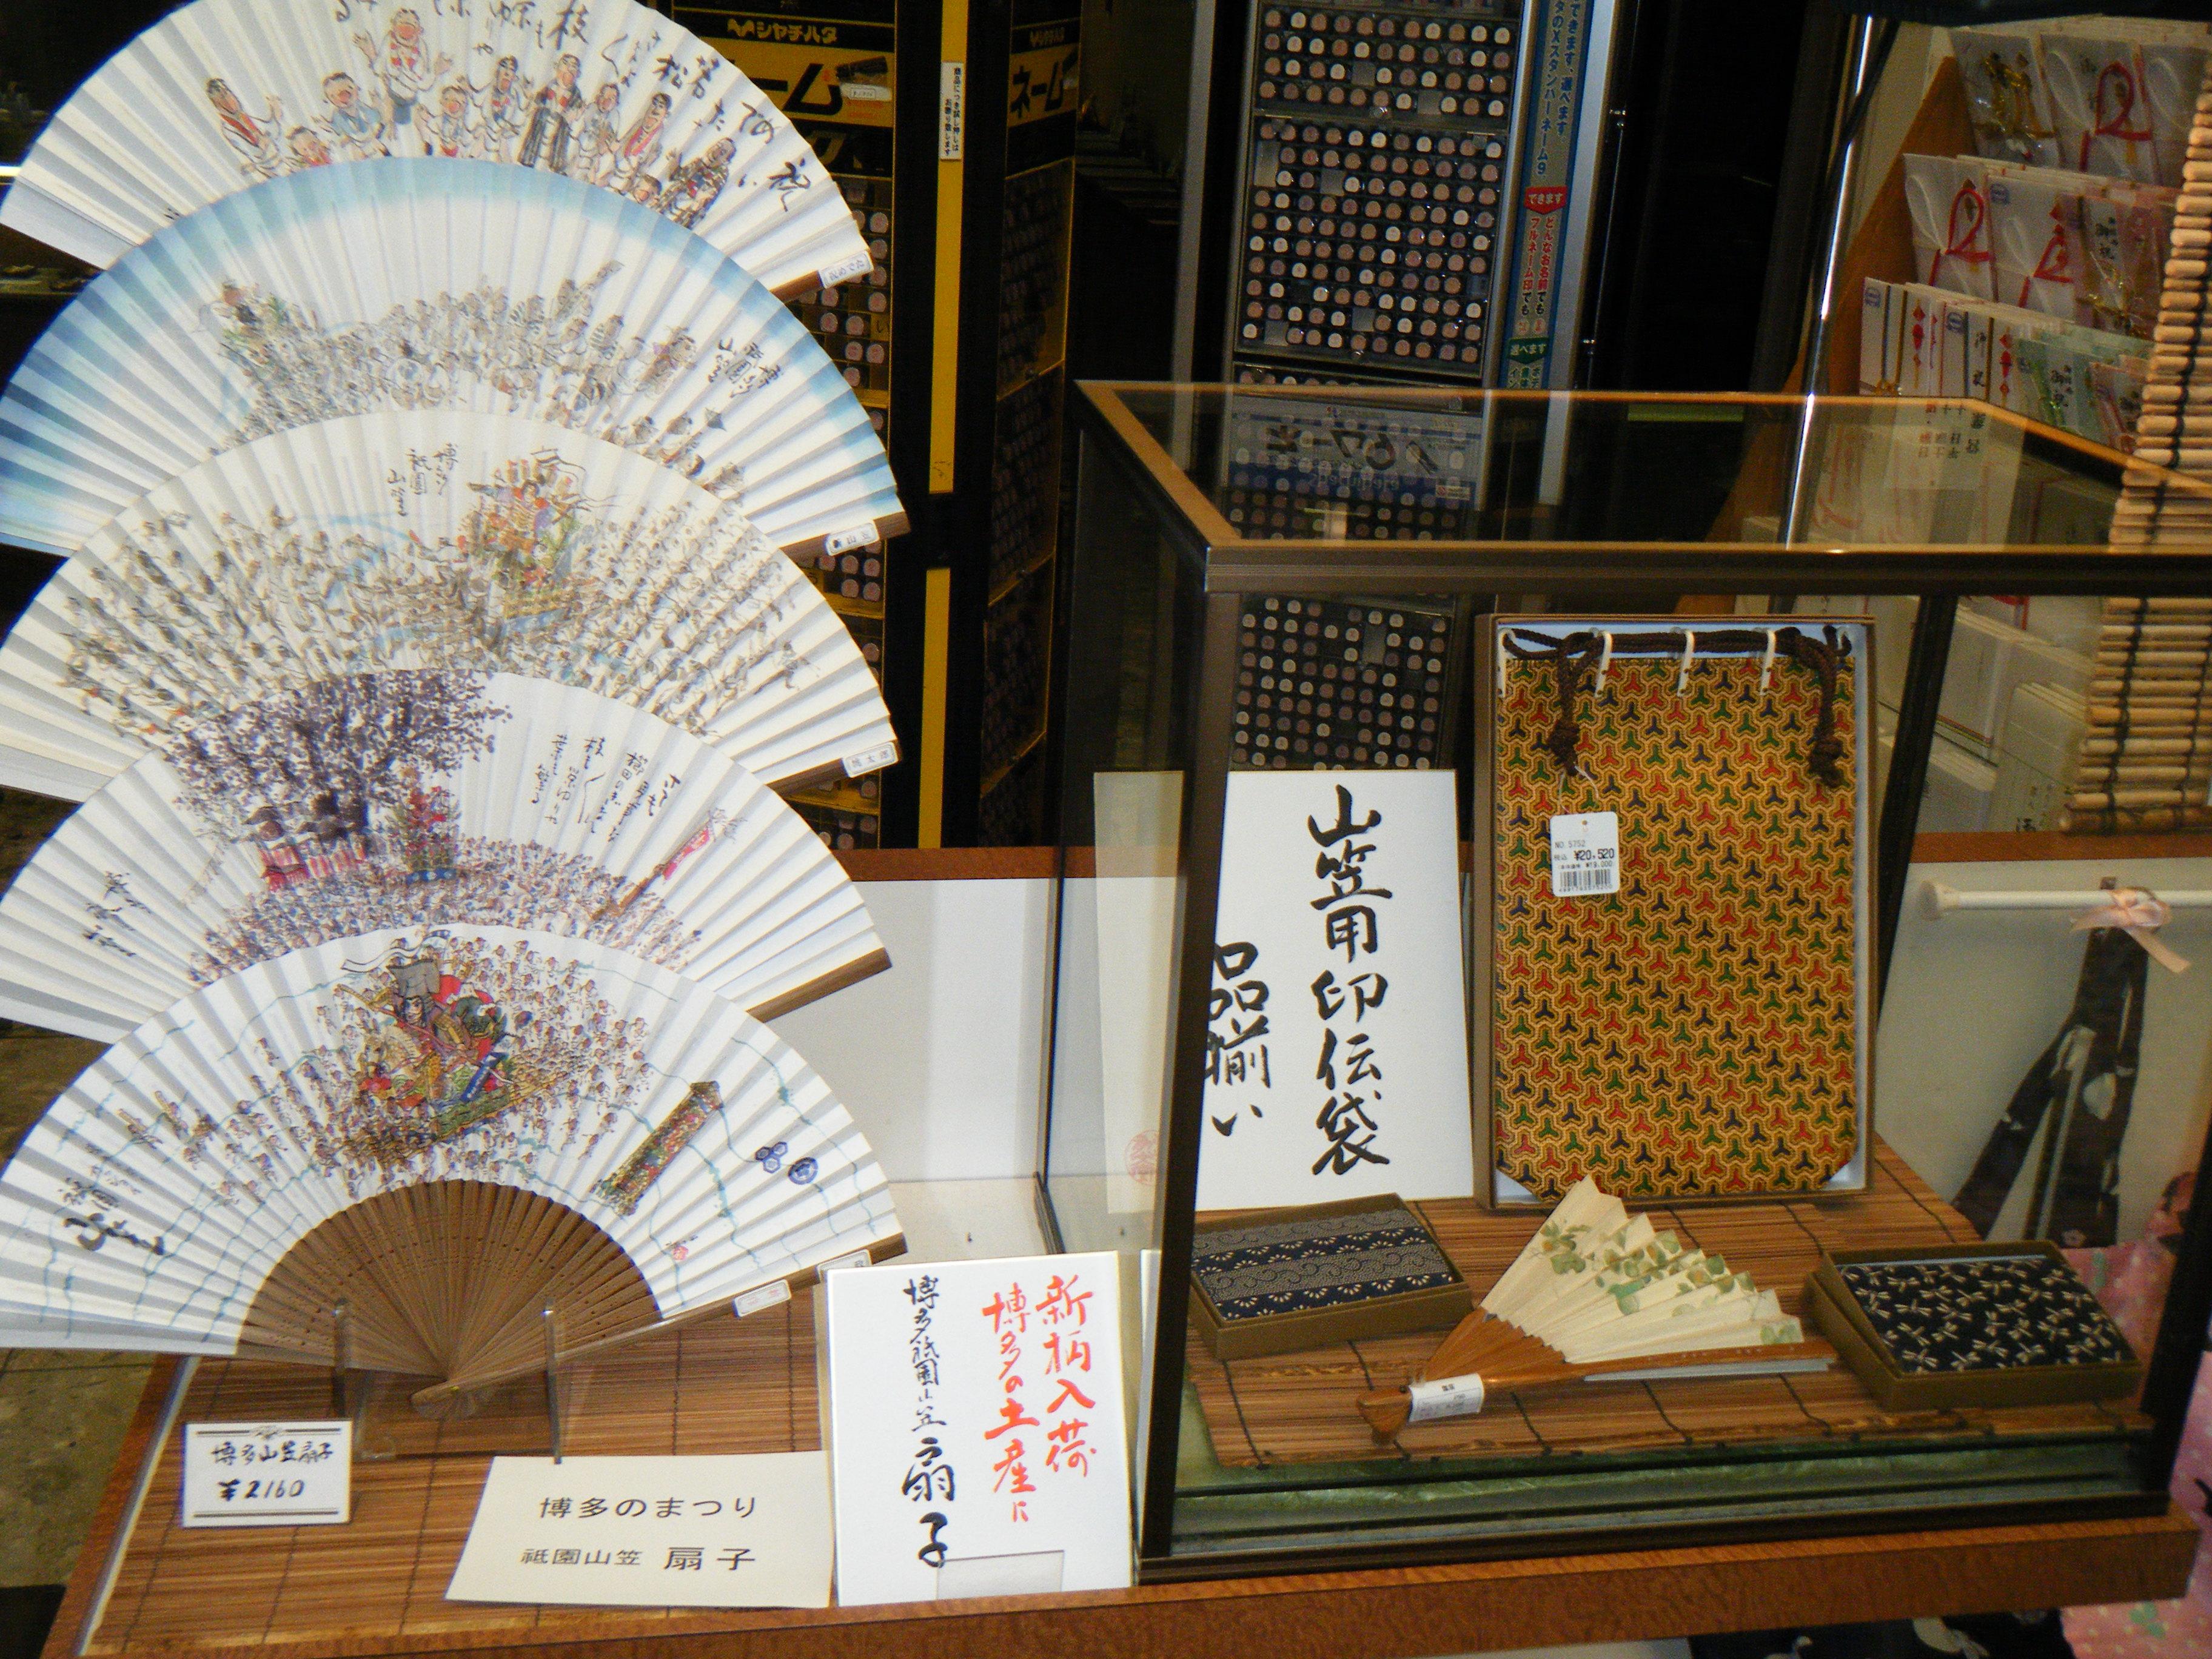 店内には山笠扇子・宮脇売扇庵の京扇子・印傳袋等日本の伝統工芸品も取り扱っています。